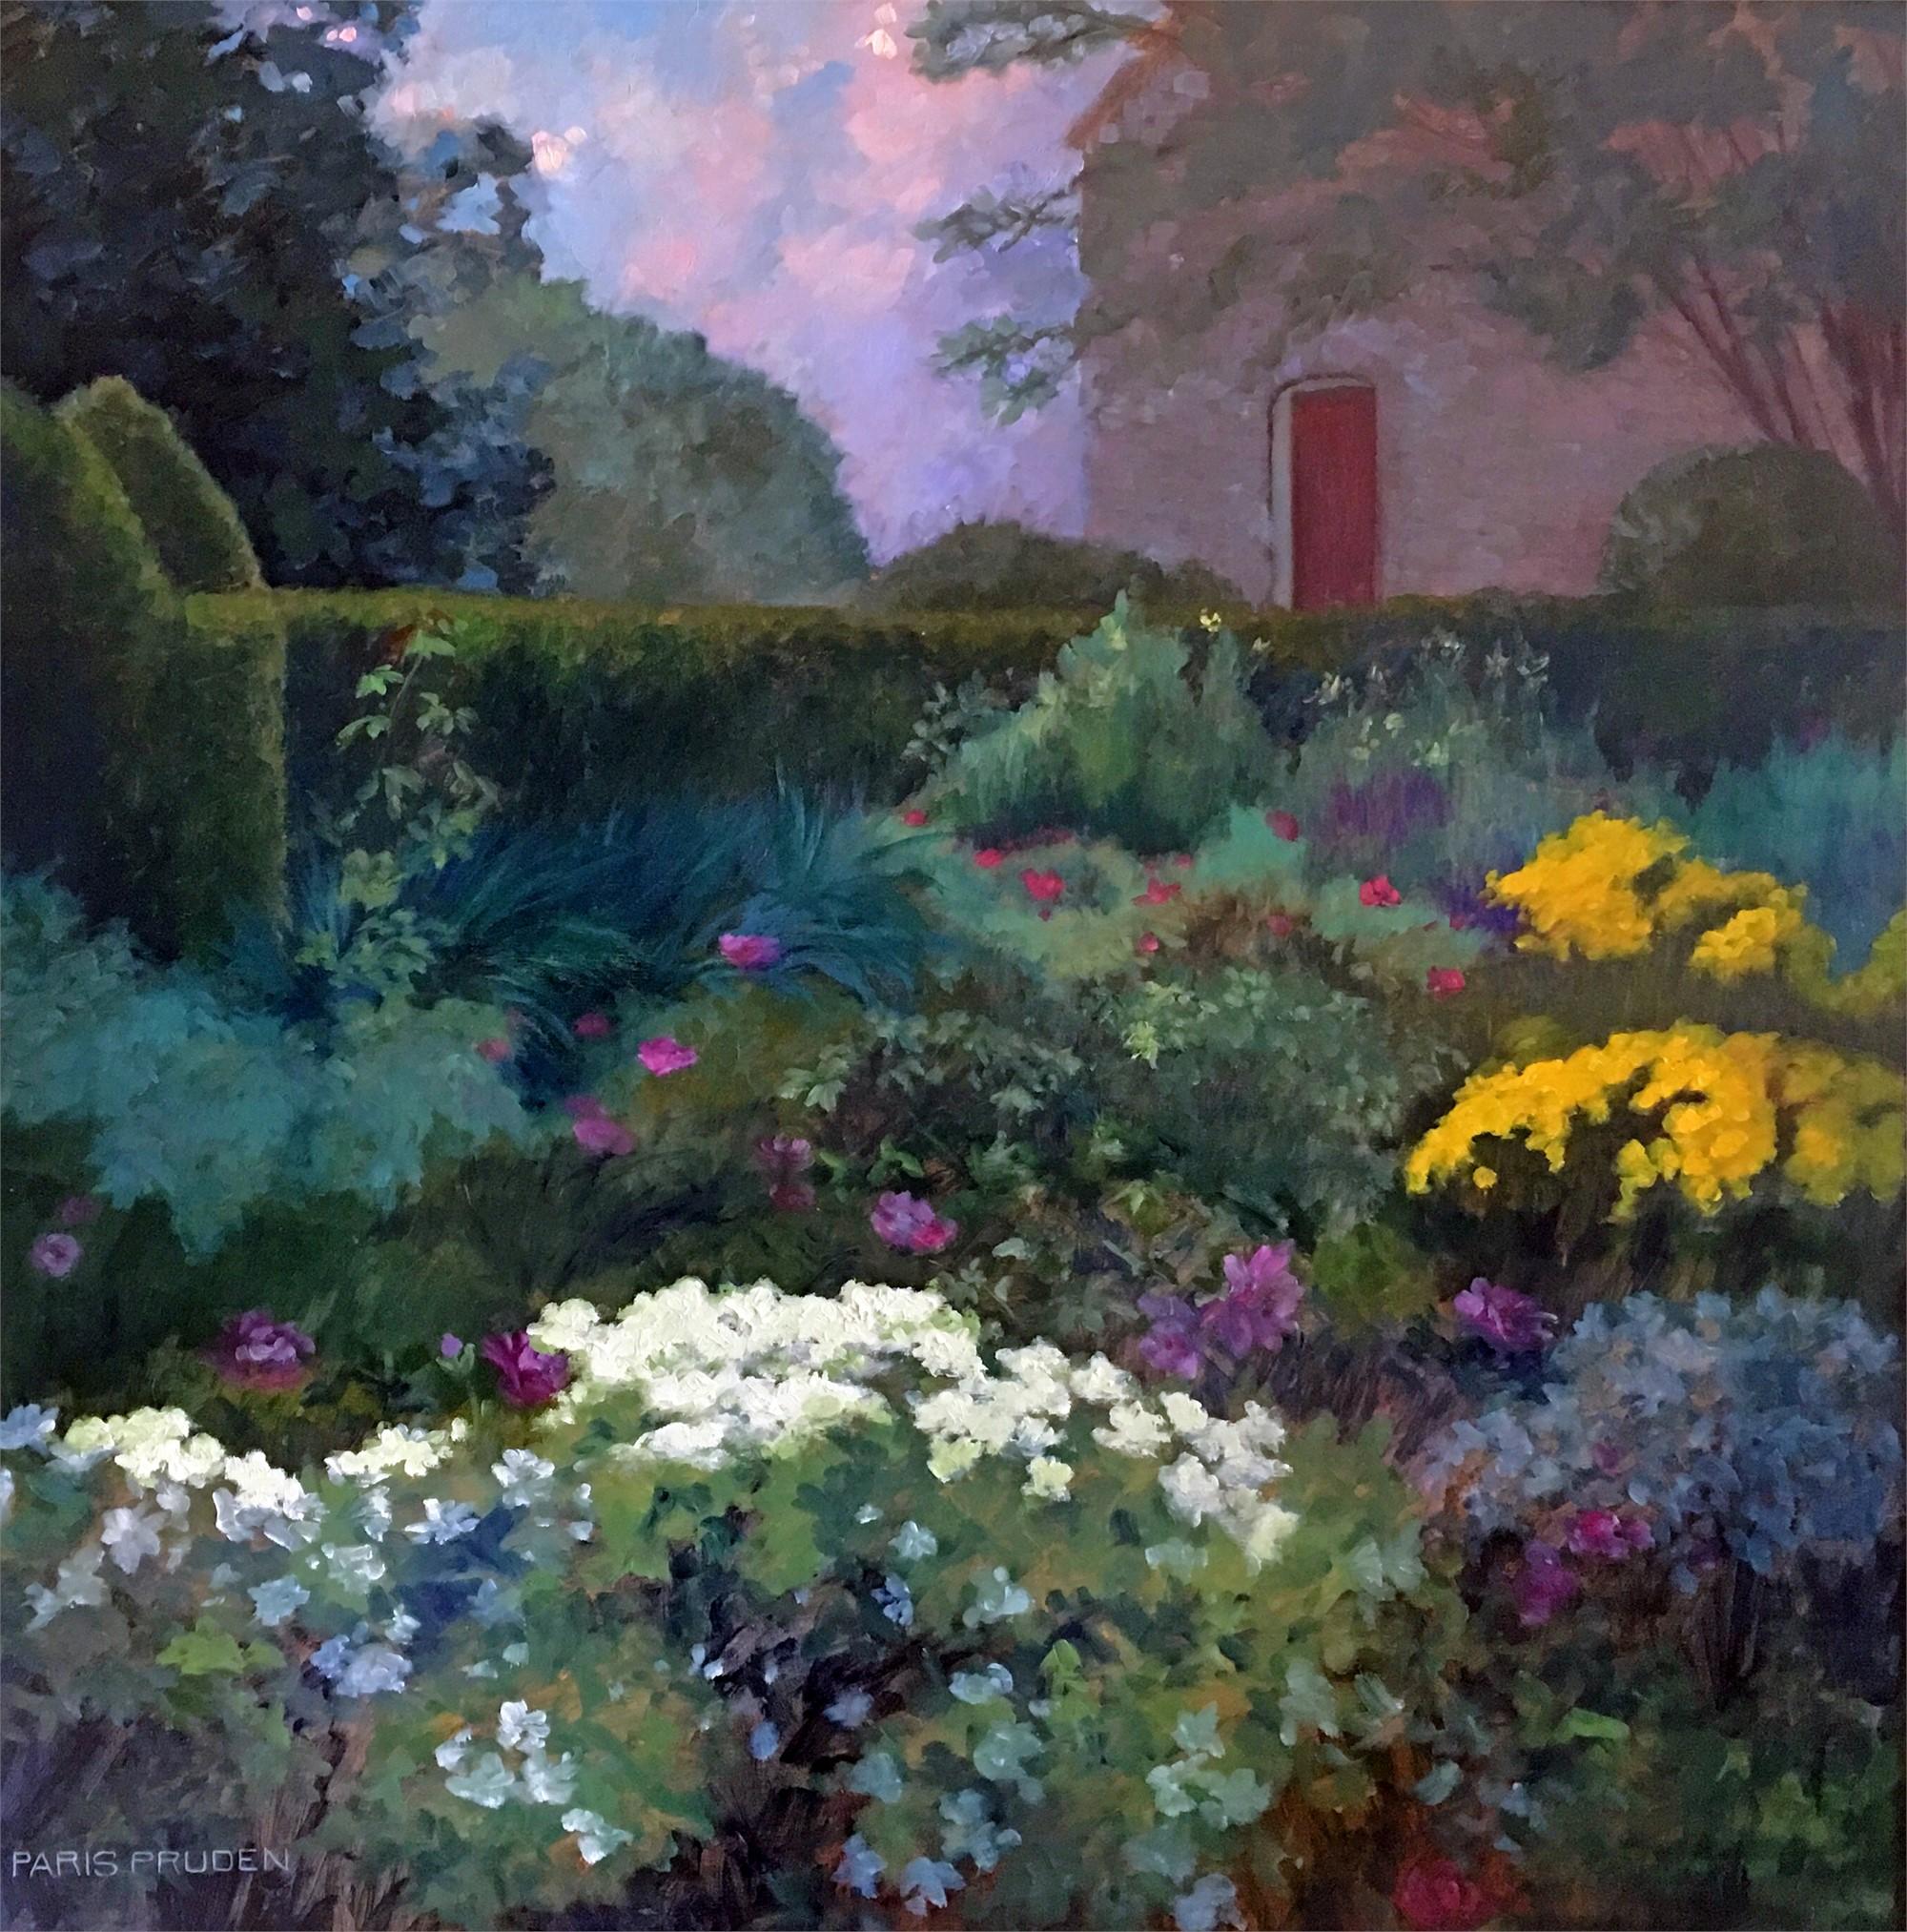 English Garden, 2017 by Nancy Paris Pruden